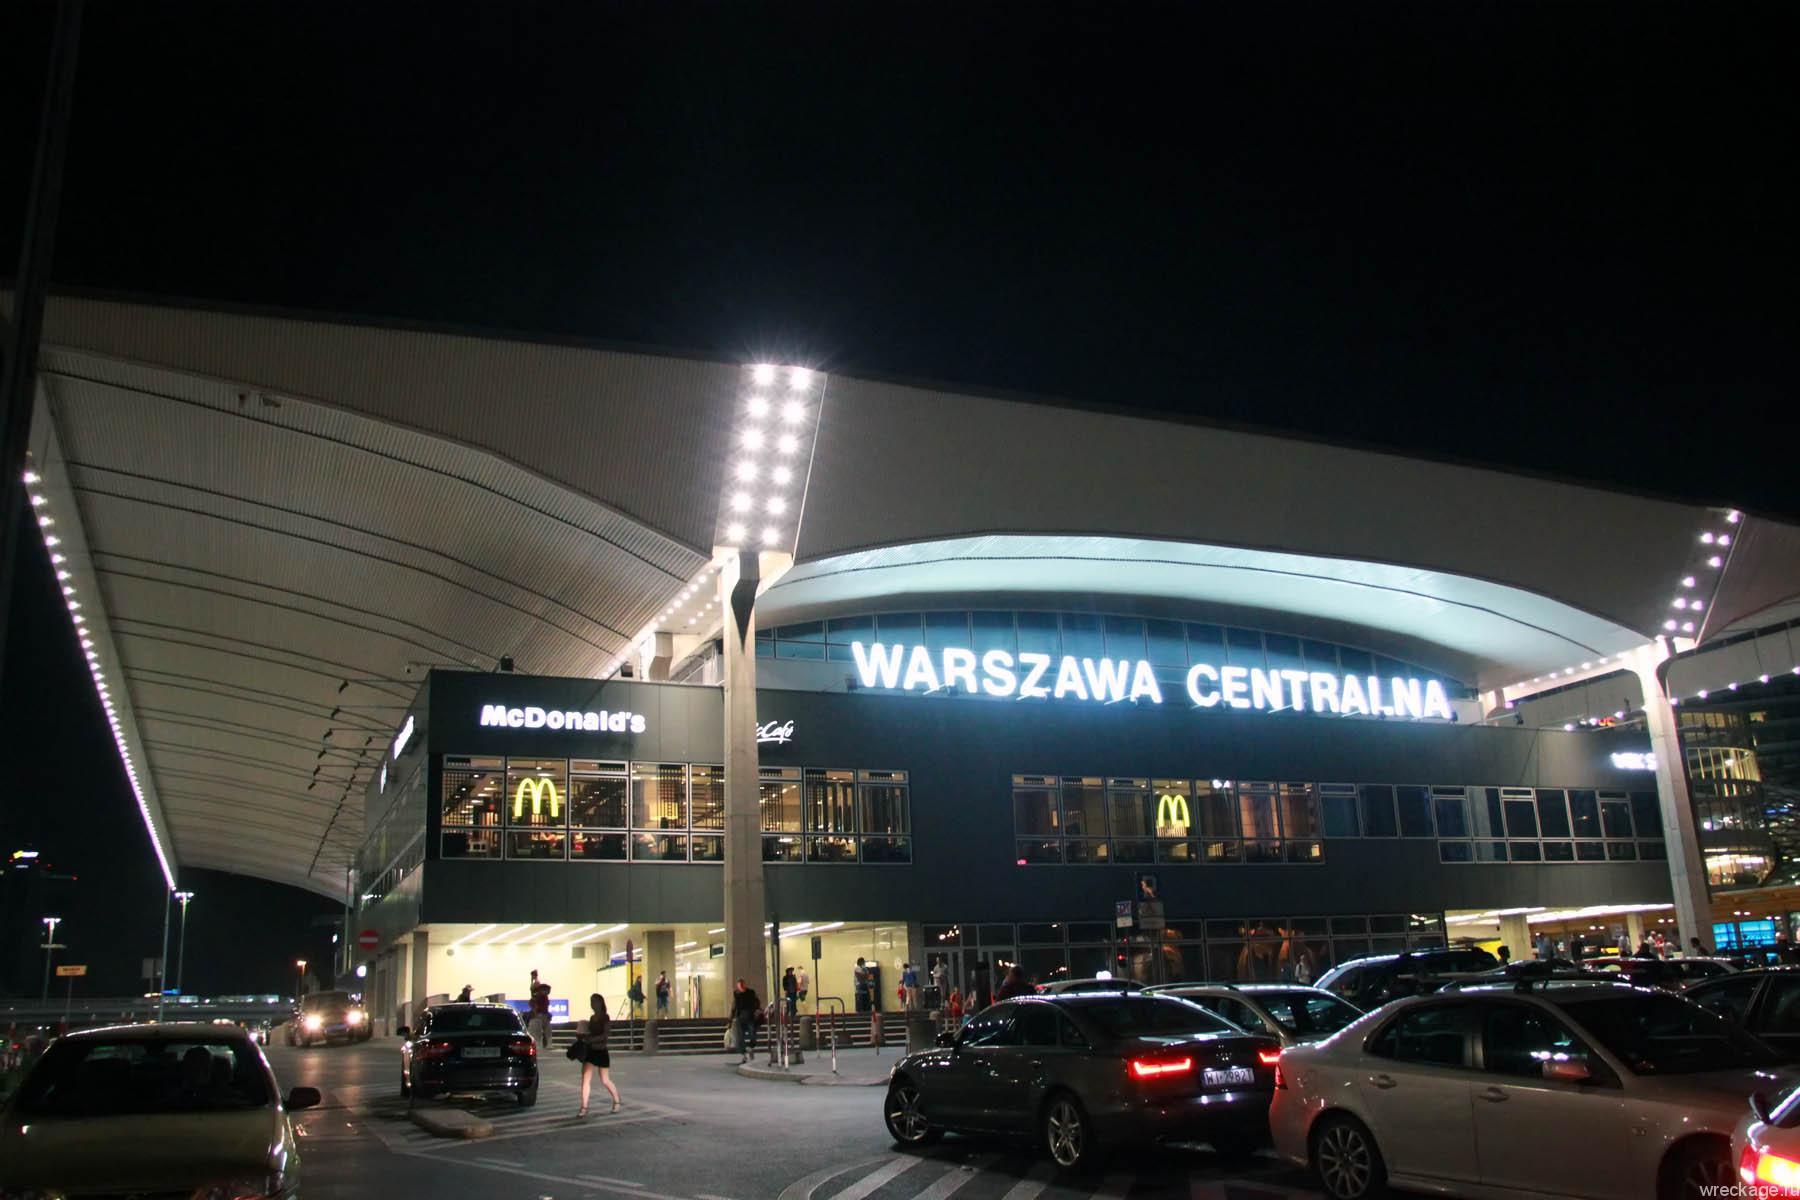 Домой через Польшу. Варшава, Белоруссия